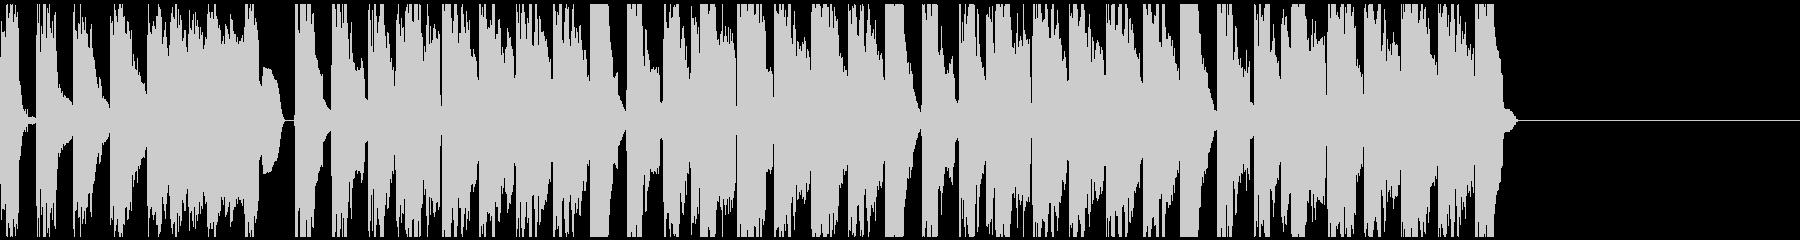 ピコピコEDM(complextro)の未再生の波形